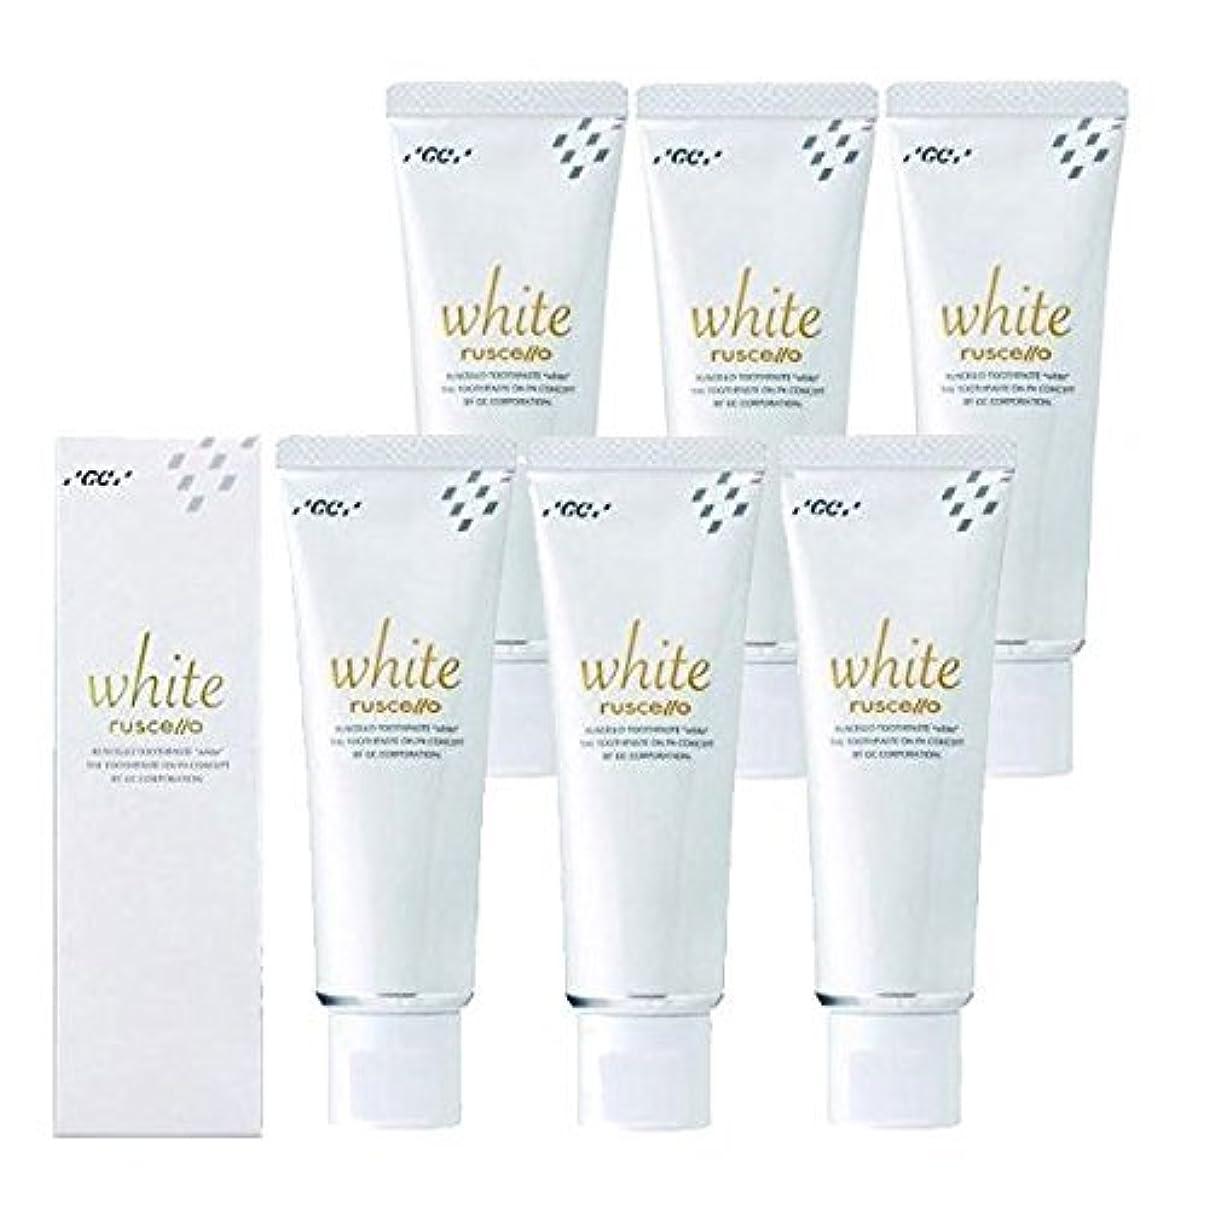 グラムエンゲージメント準備ができてルシェロ歯磨きペースト ホワイト 100g×6本 ホワイトニング 歯磨き粉 歯科専売品